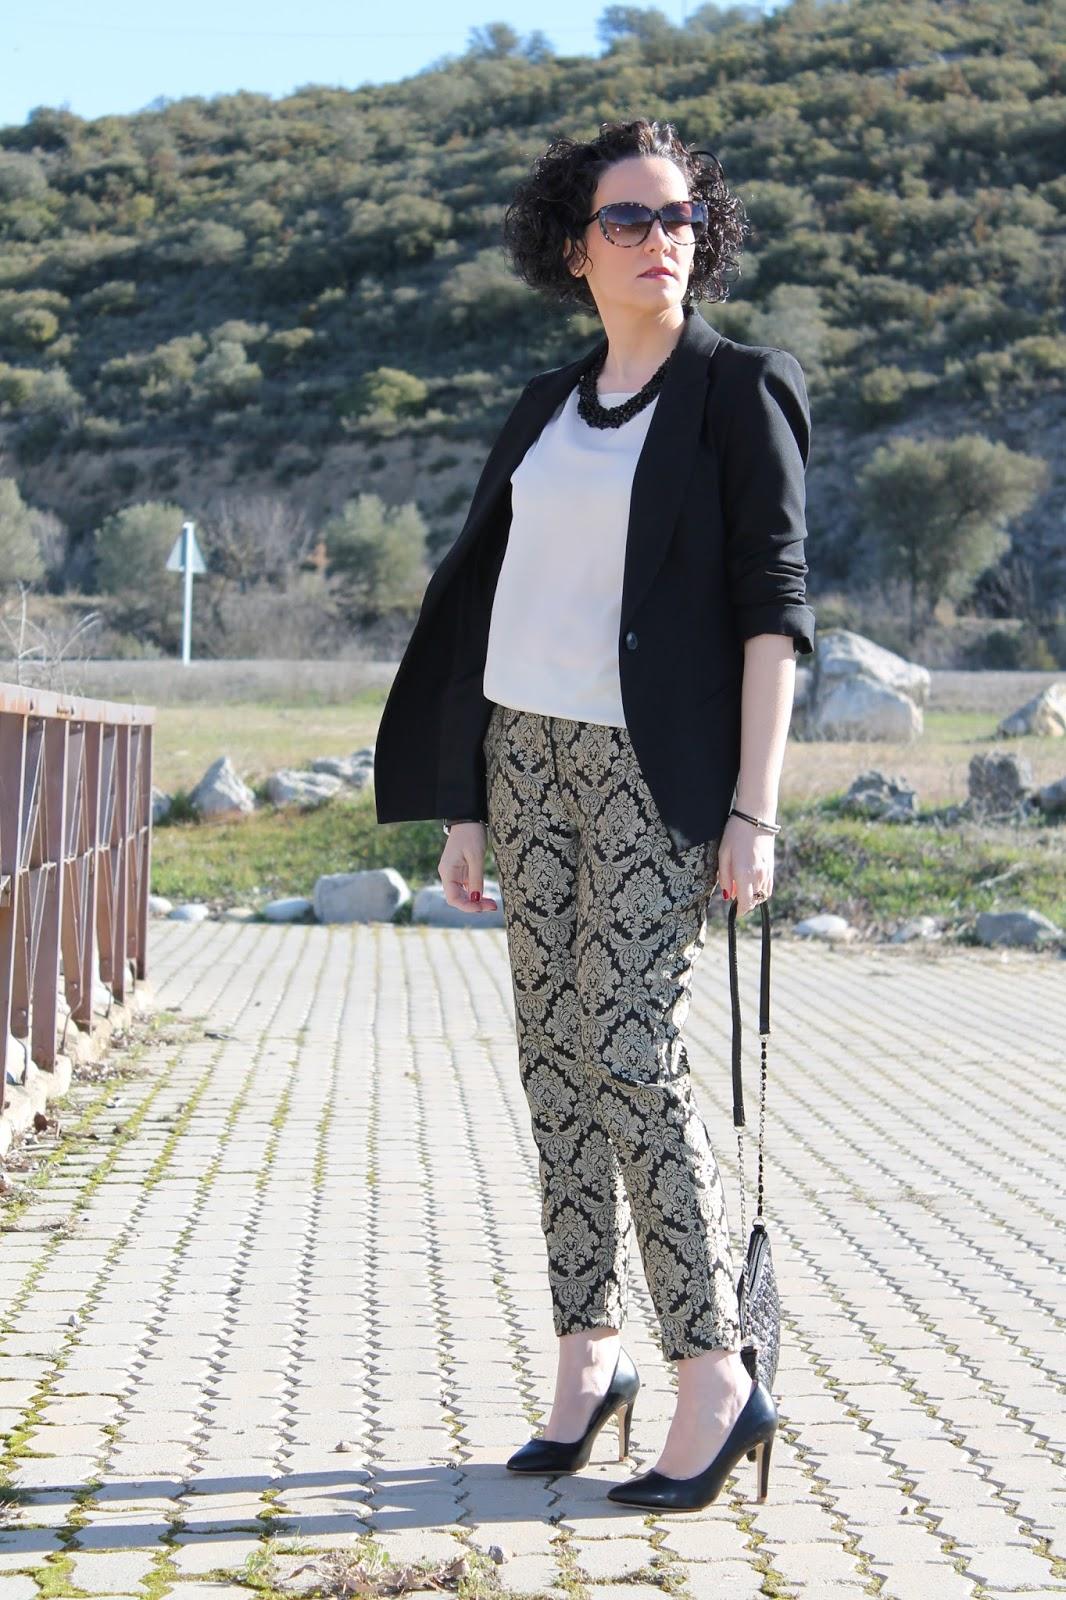 Brocados Dress Pantalones Brocados Inspiration Black Pantalones Ewqg7Y